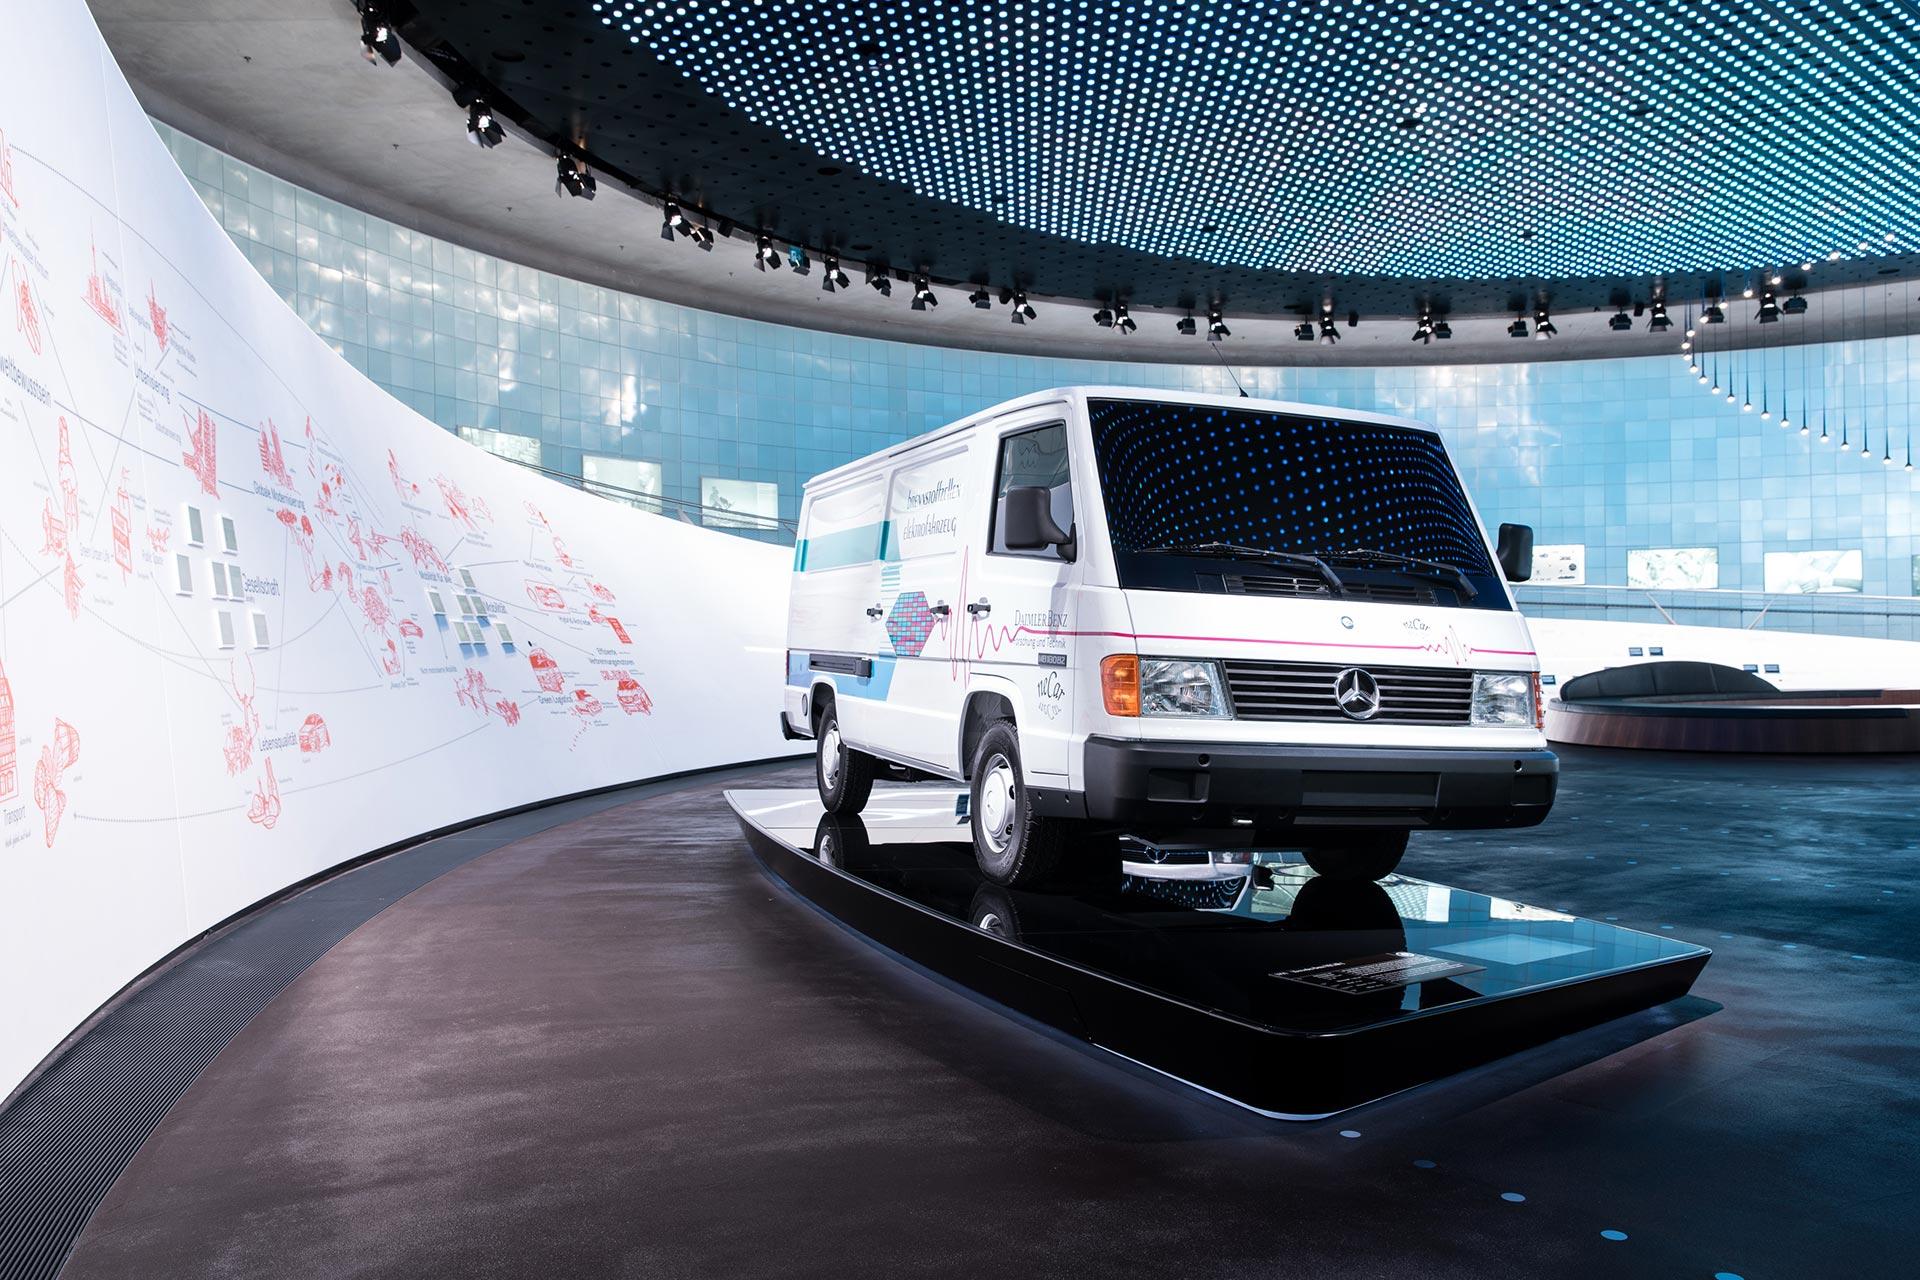 """Mercedes-Benz NECAR 1, 1994. Das """"New Electric Car"""" ist das erste Brennstoffzellenfahrzeug, das unter Alltagsbedingungen funktioniert. Der Antrieb nimmt noch den kompletten Laderaum des Transporters MB 100 ein. Foto aus dem Mercedes-Benz Museum, Stuttgart."""